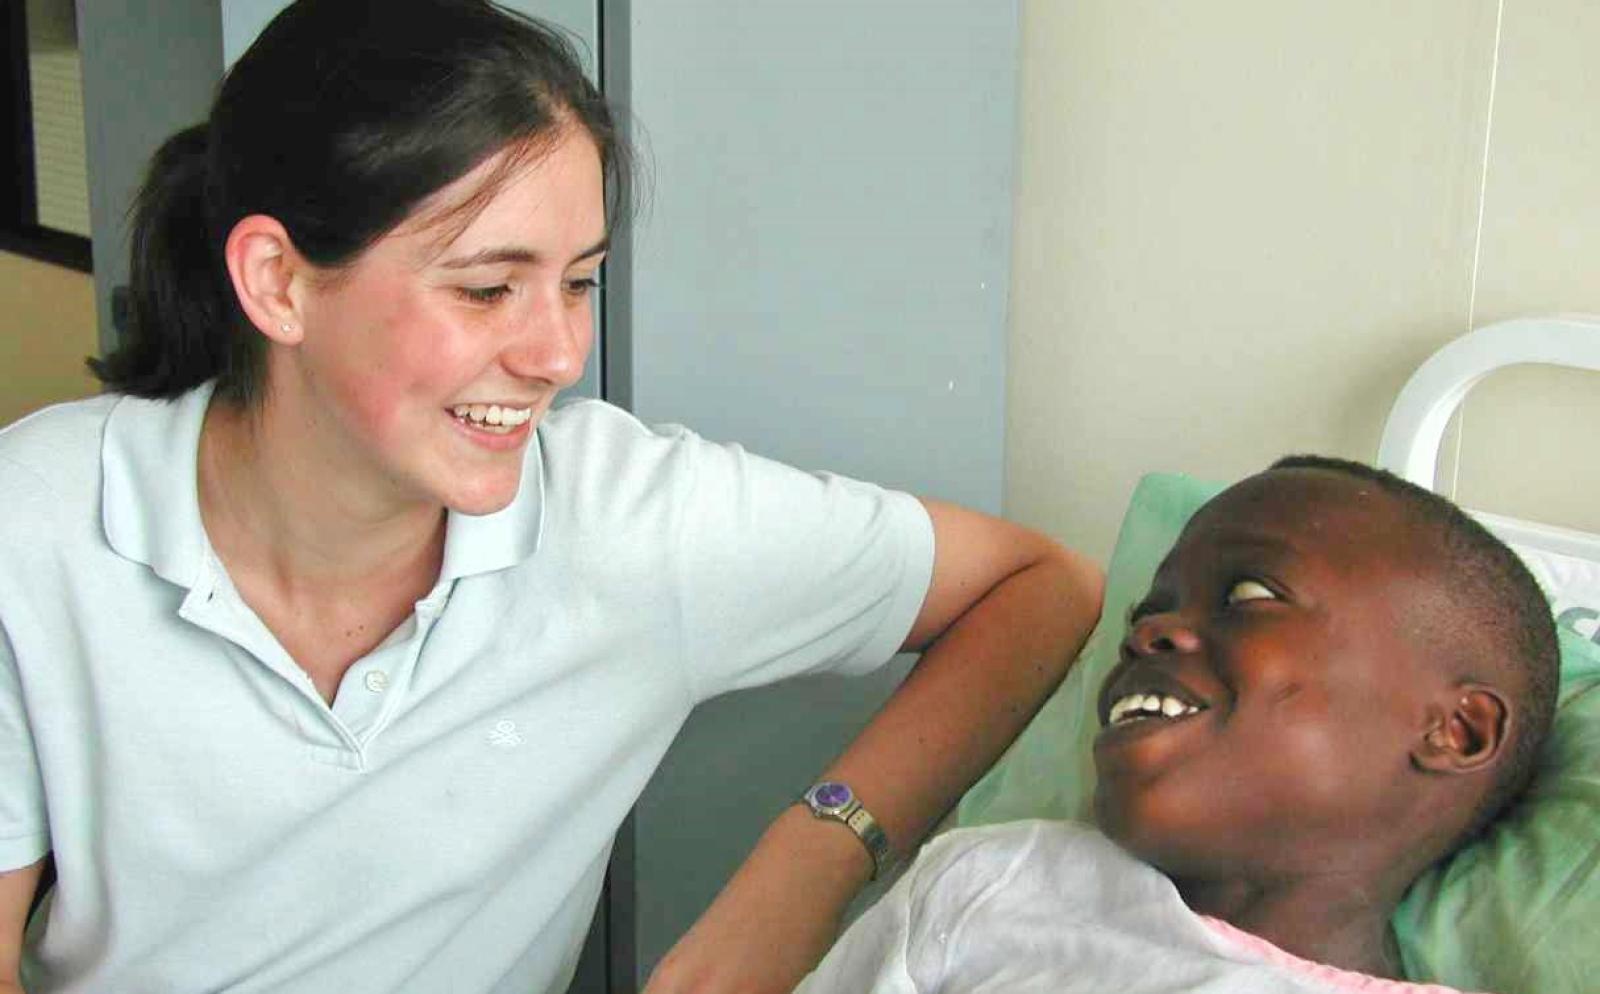 理学療法インターンとガーナの小児患者